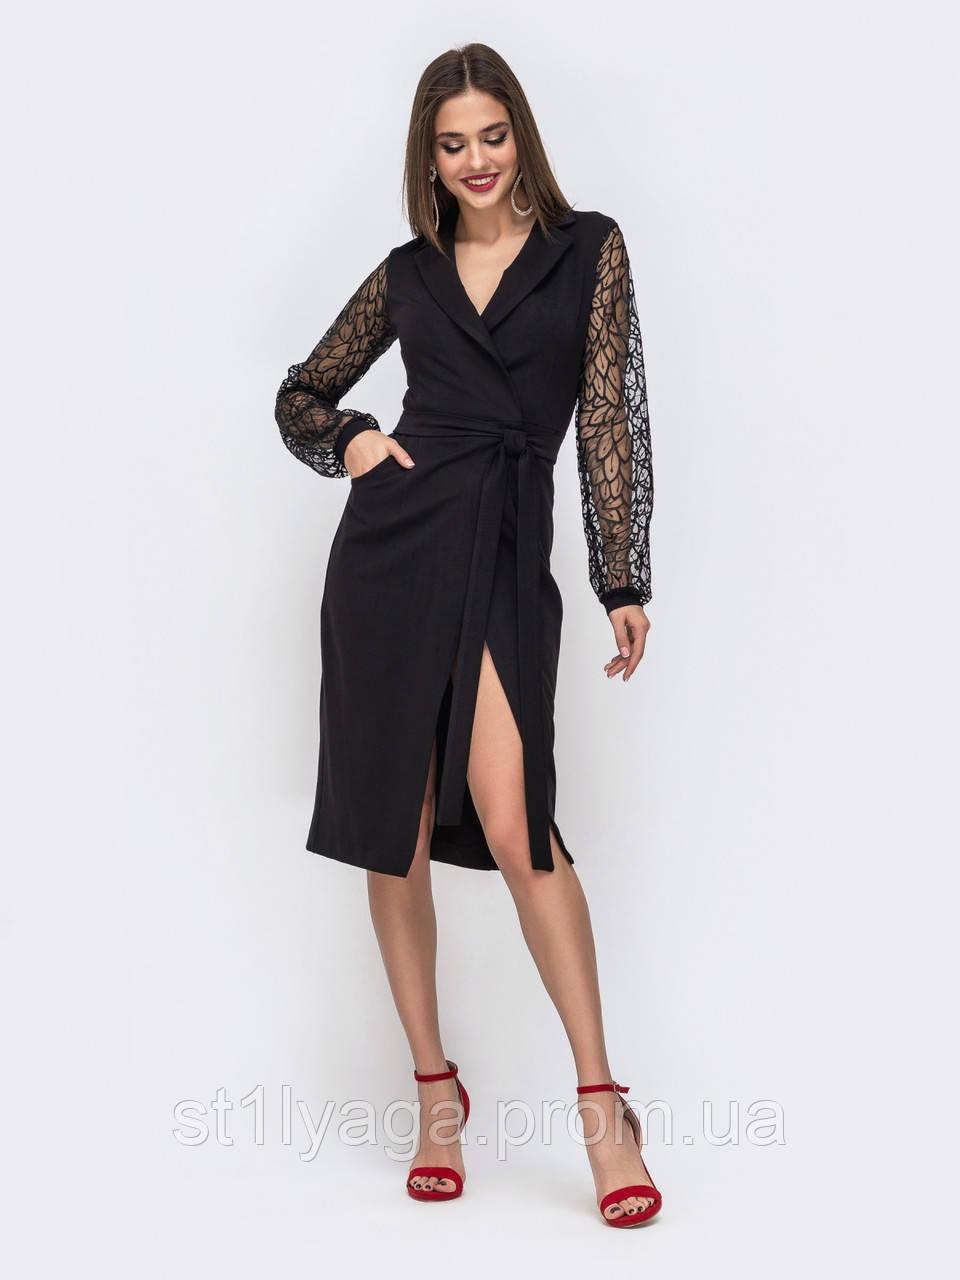 Сукня-халат приталеного крою з рукавами з гіпюру і поясом в комплекті чорний